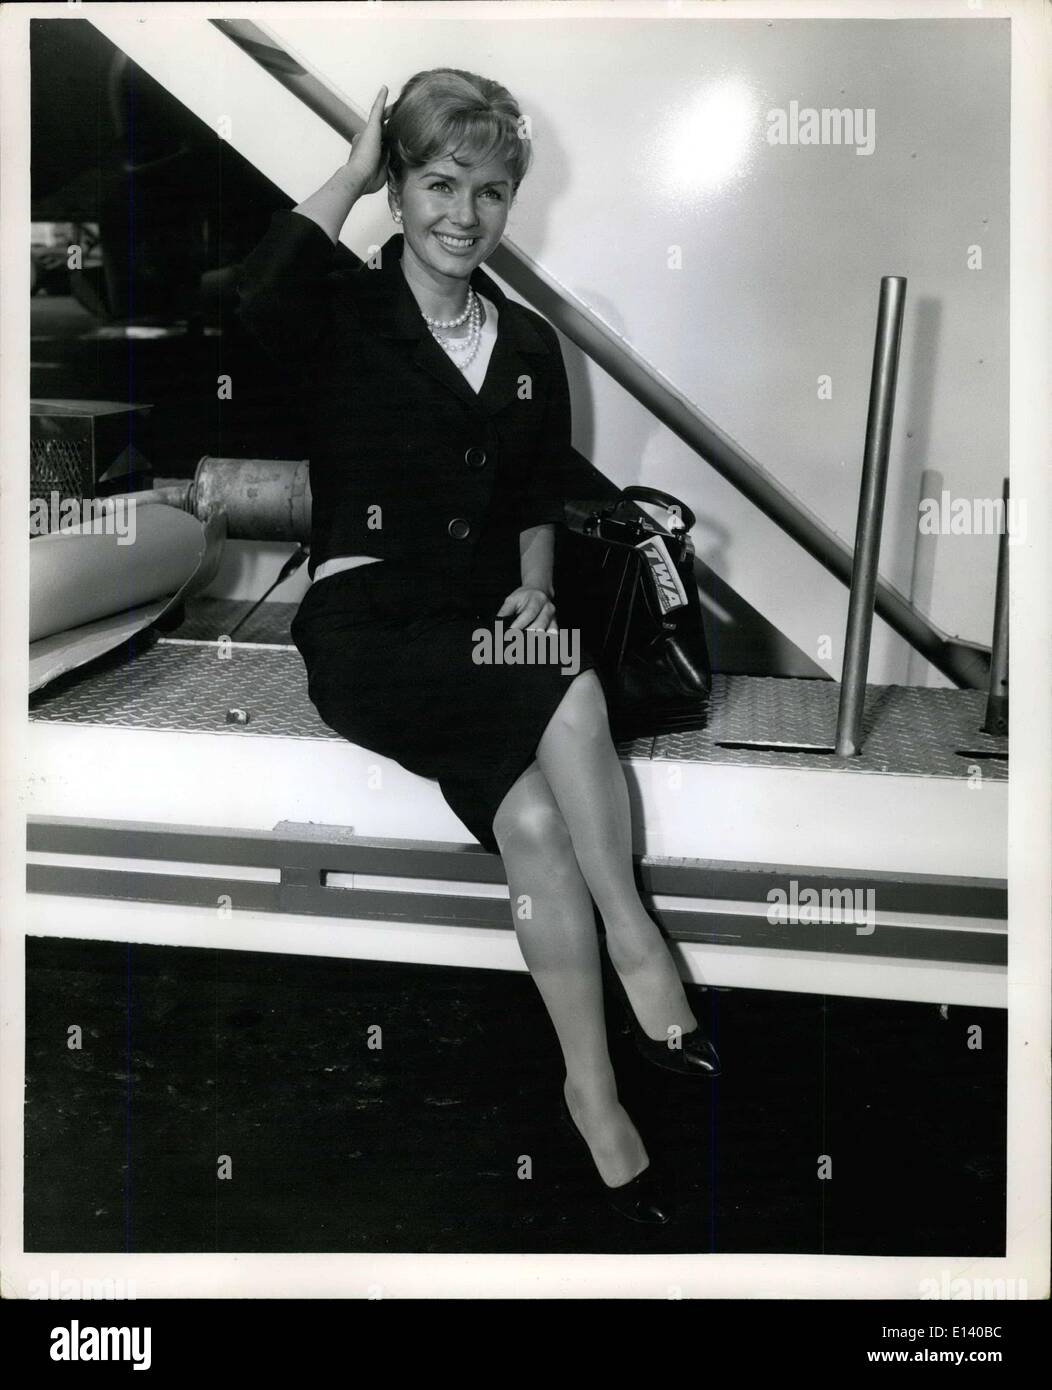 Mar. 31, 2012 - N.Y. International Airport, May 27, 1968: Pert Debbie Reynolds fixes her hair on arrival here via TWA superjet. - Stock Image